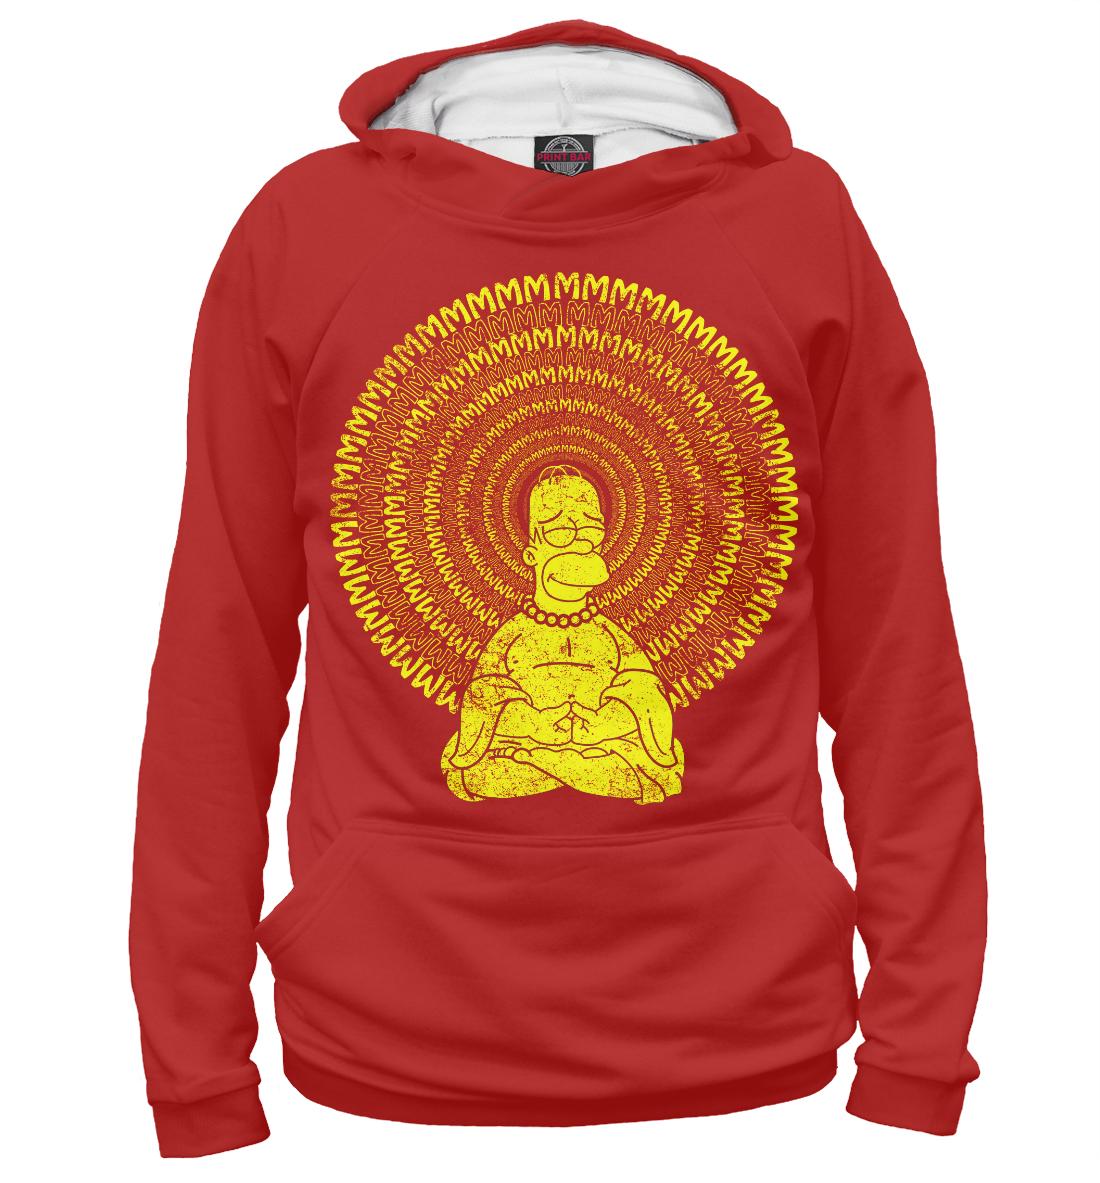 Купить Гомер Буддизм, Printbar, Худи, SIM-615510-hud-2